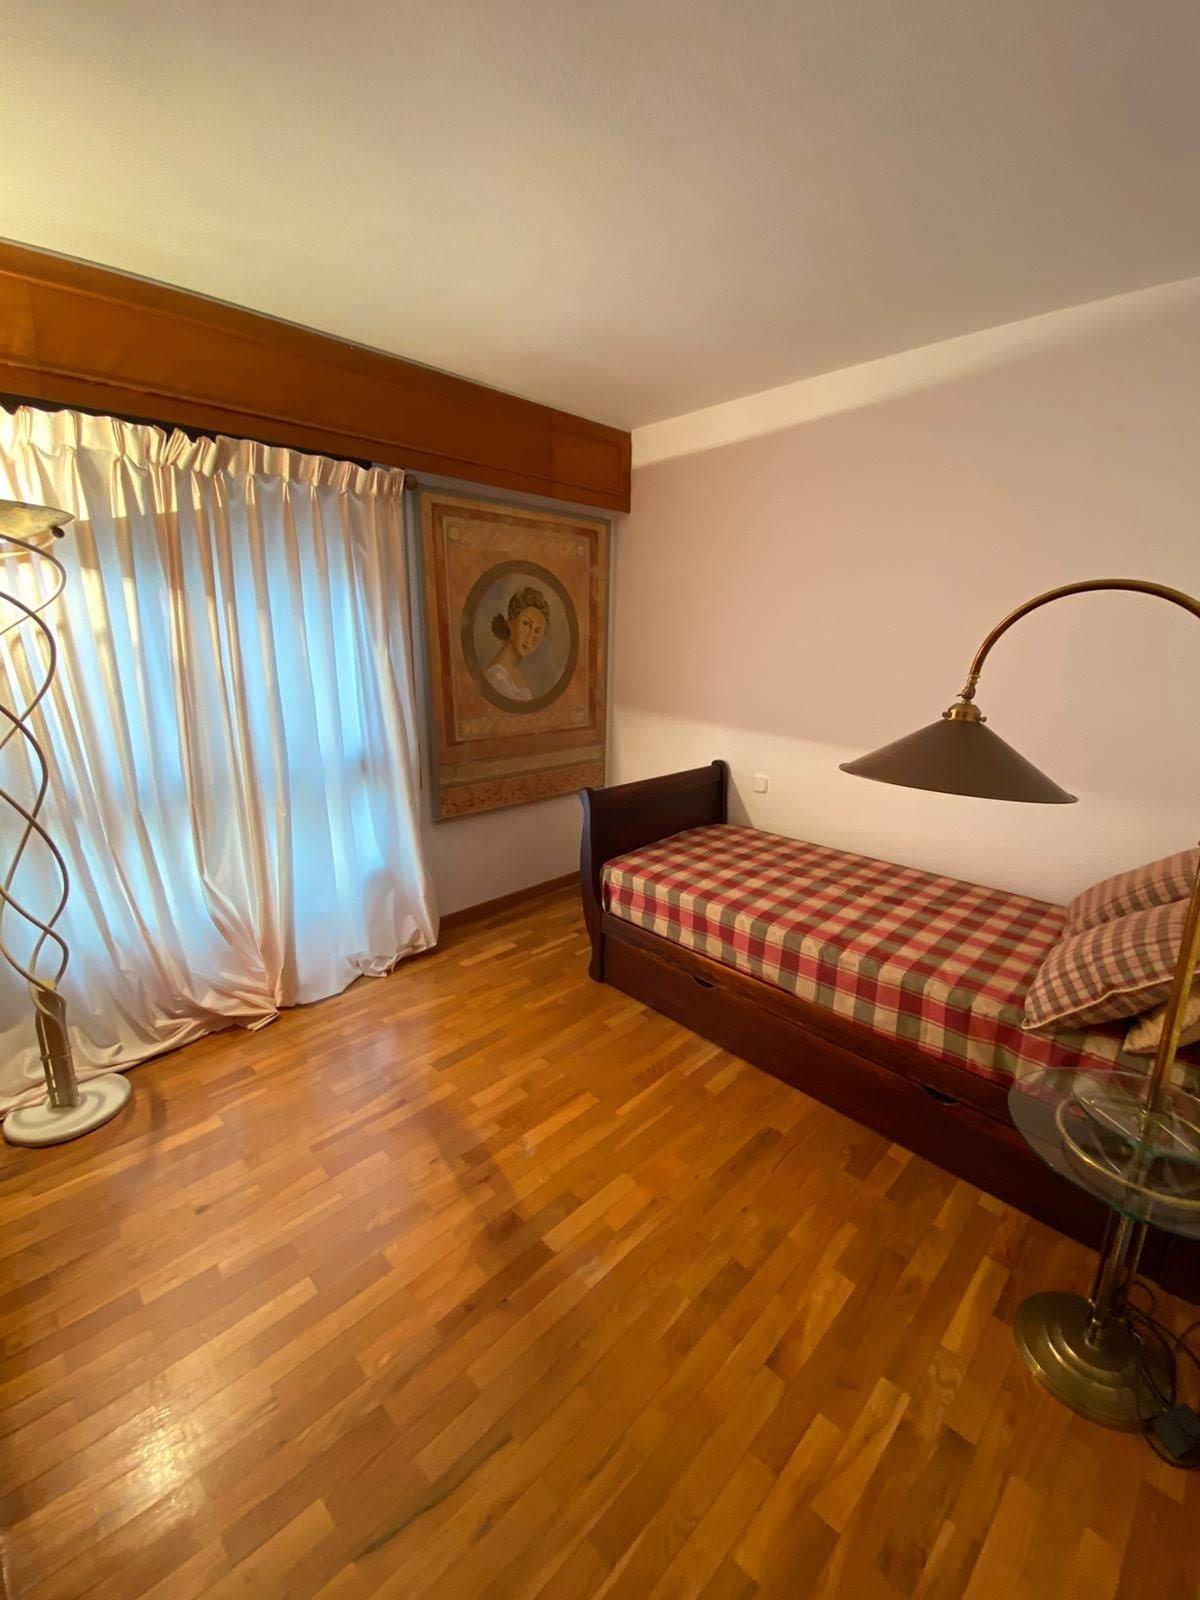 Ad Rental Apartment Palma de Mallorca (07001) ref:L0434PM